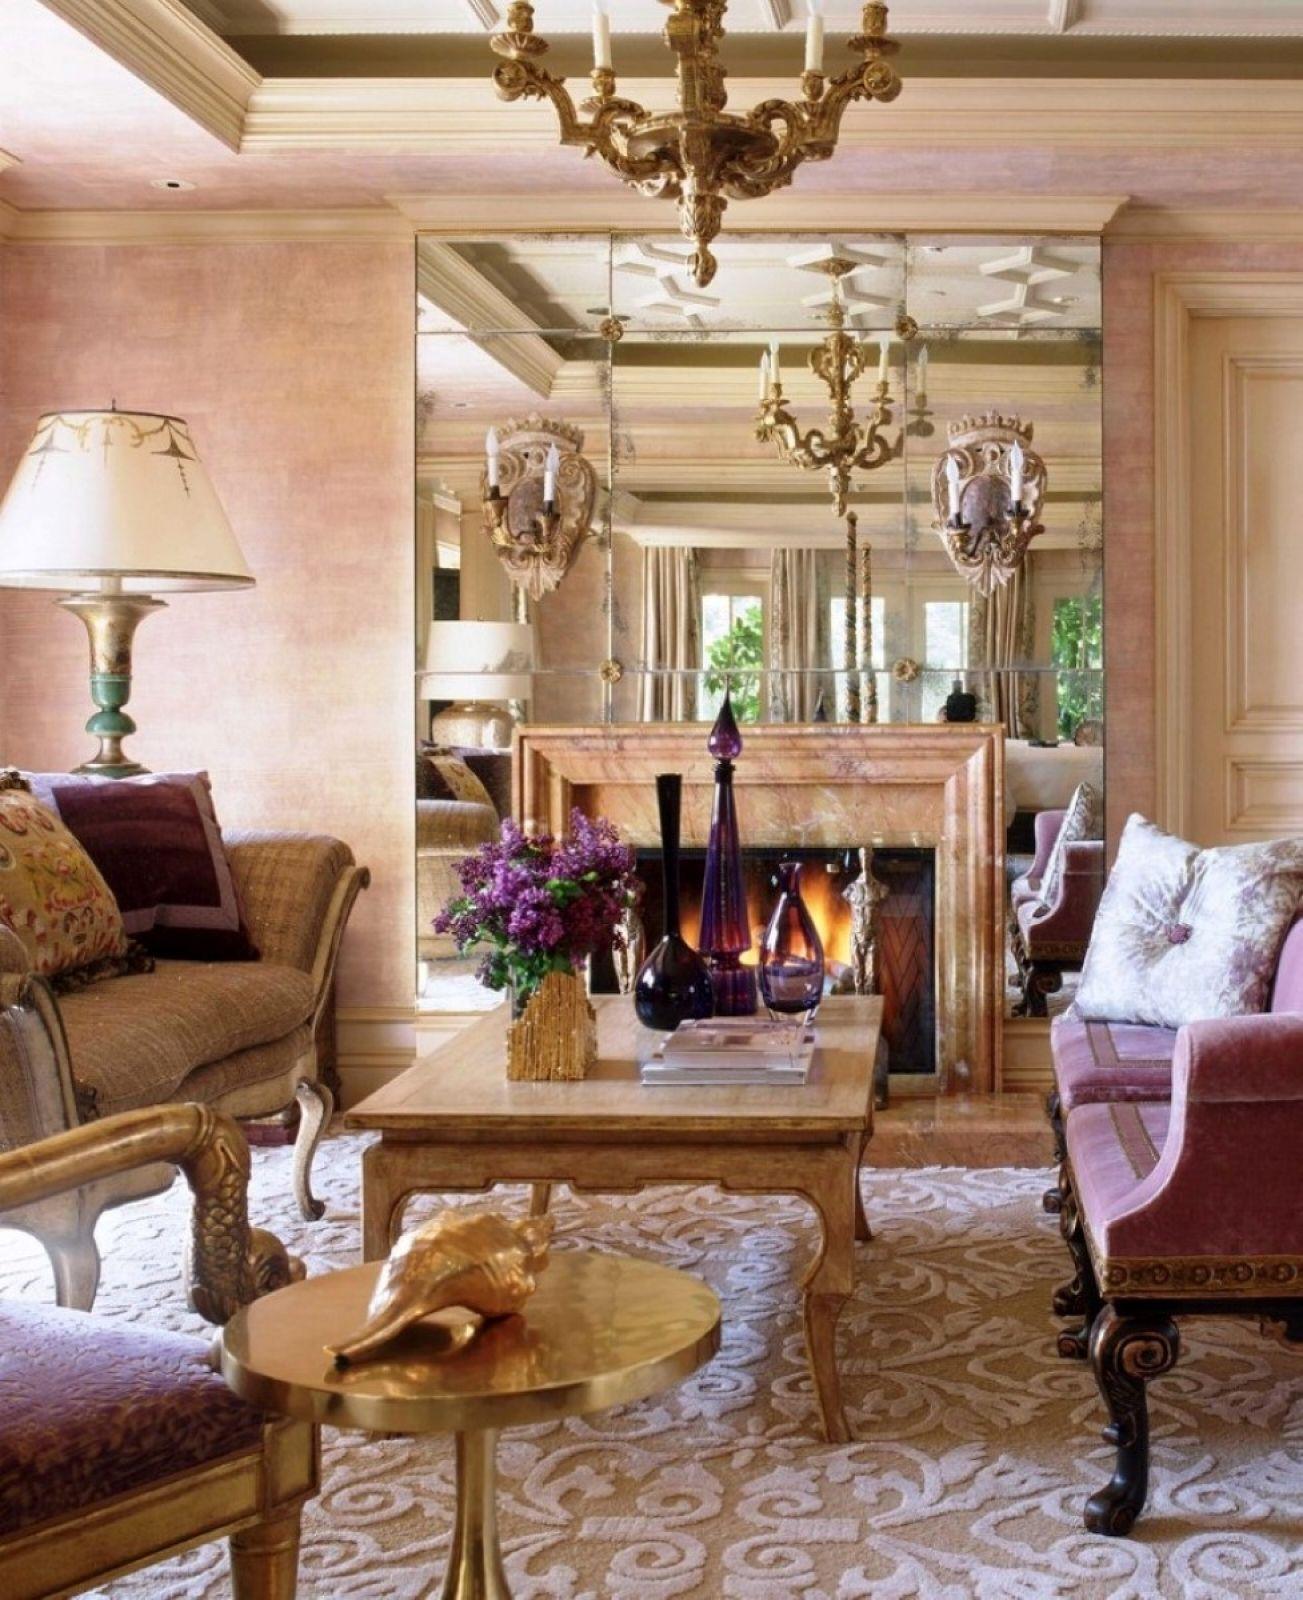 mirror tiles ideas for modern interior design - small design ideas